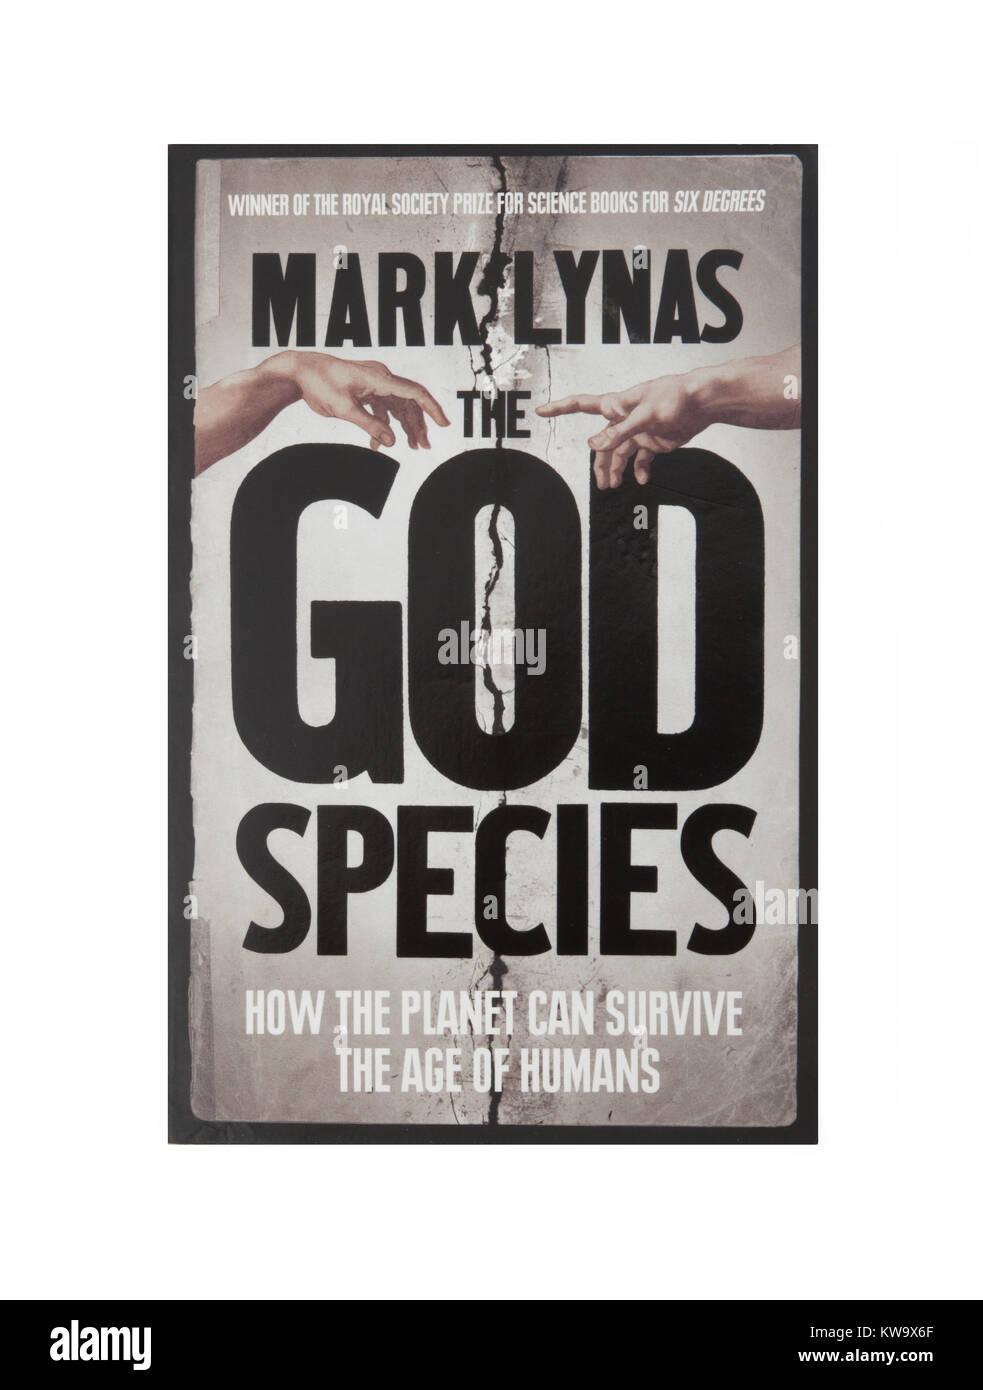 El libro, el Dios especies - cómo el planeta puede sobrevivir a la edad de los seres humanos por Mark Lynas Imagen De Stock